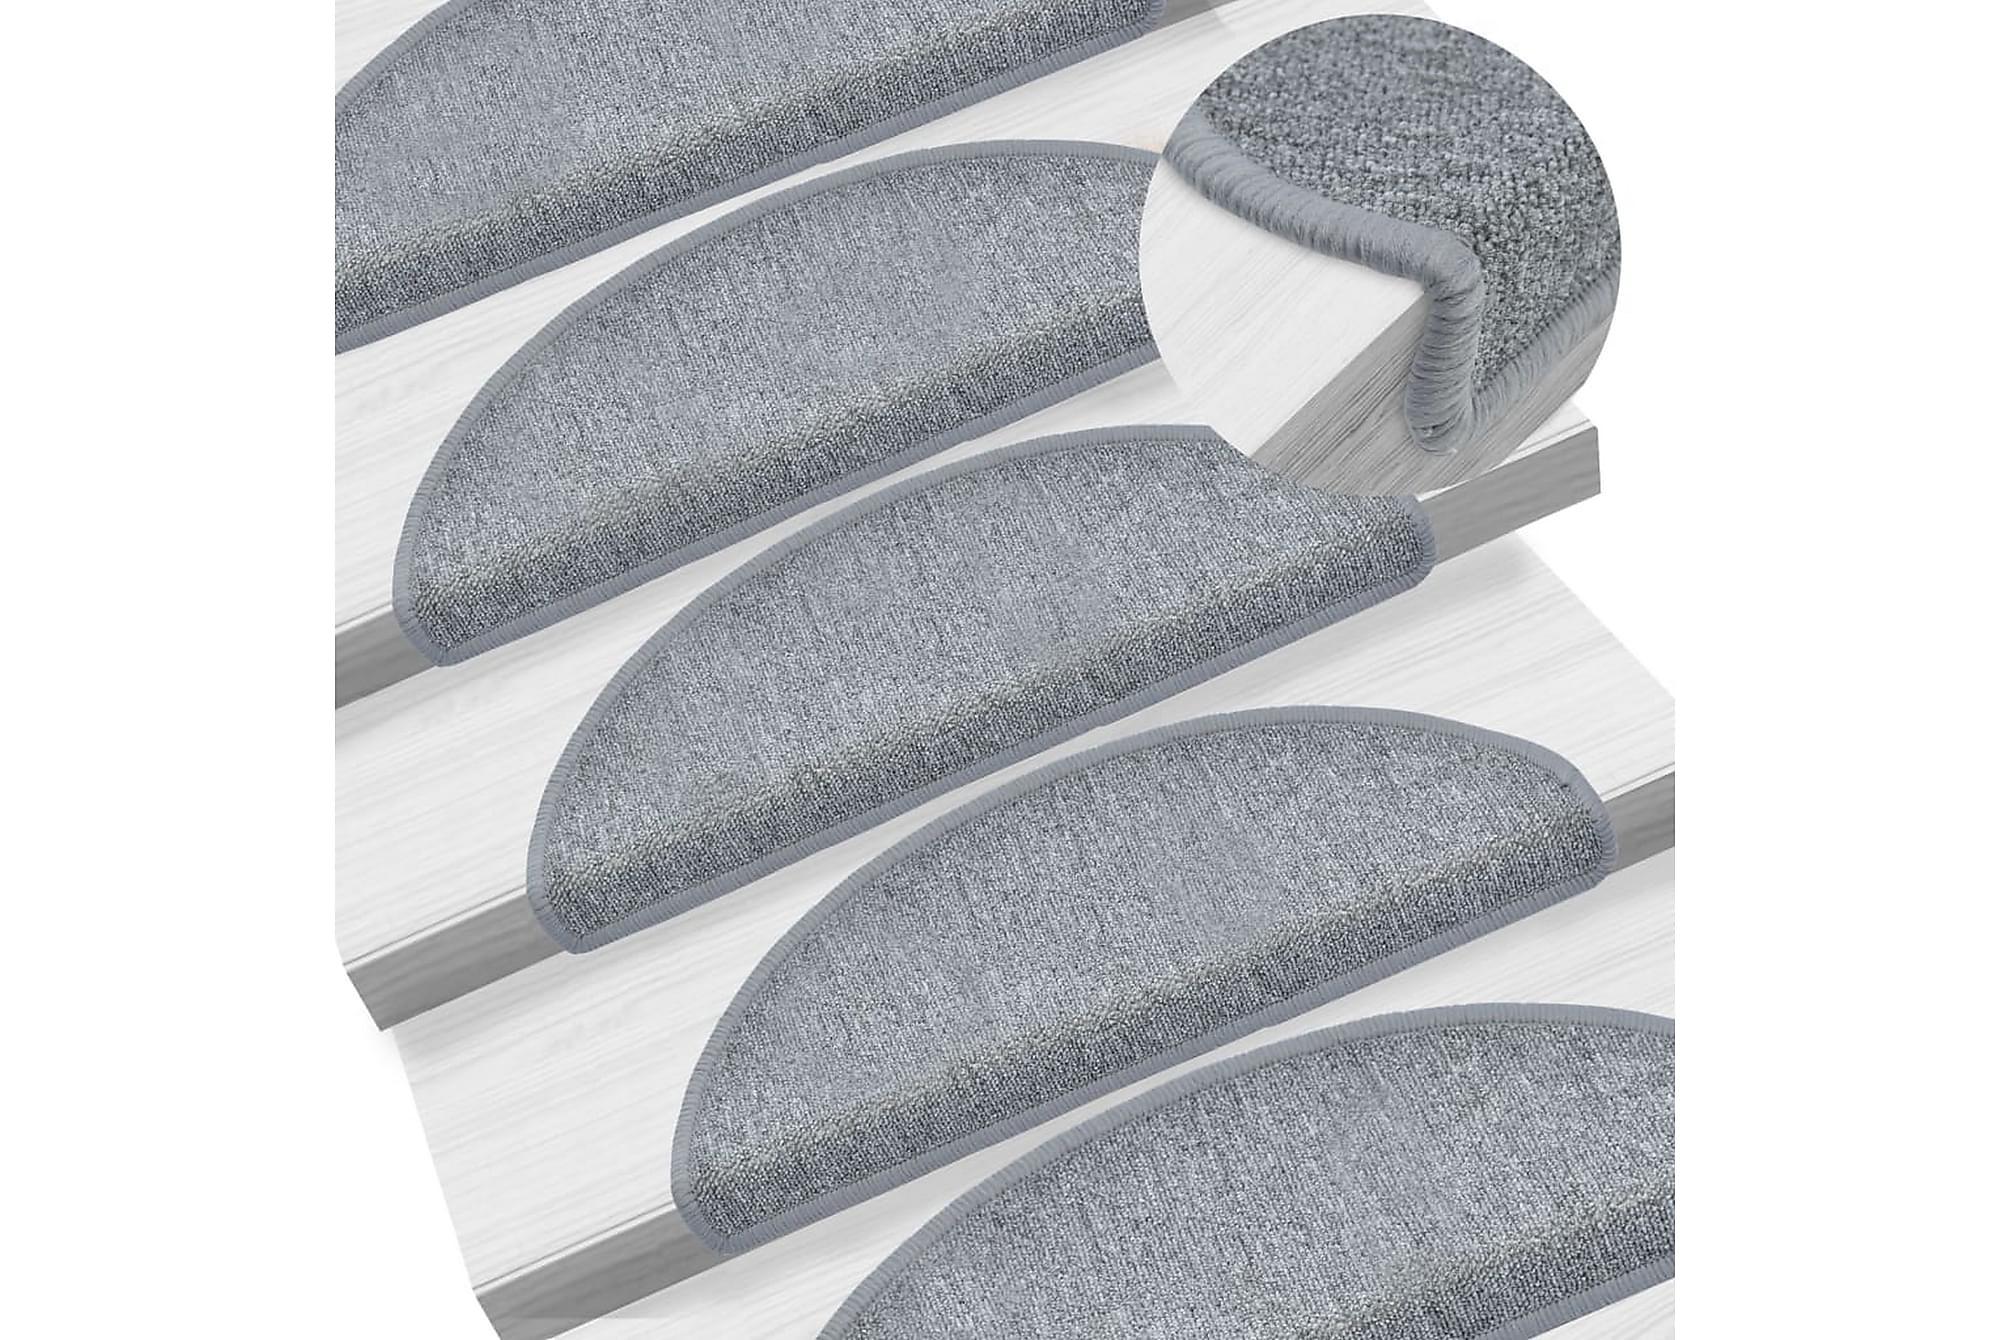 15 st Trappstegsmattor grå 65x24x4 cm, Trappstegsmattor